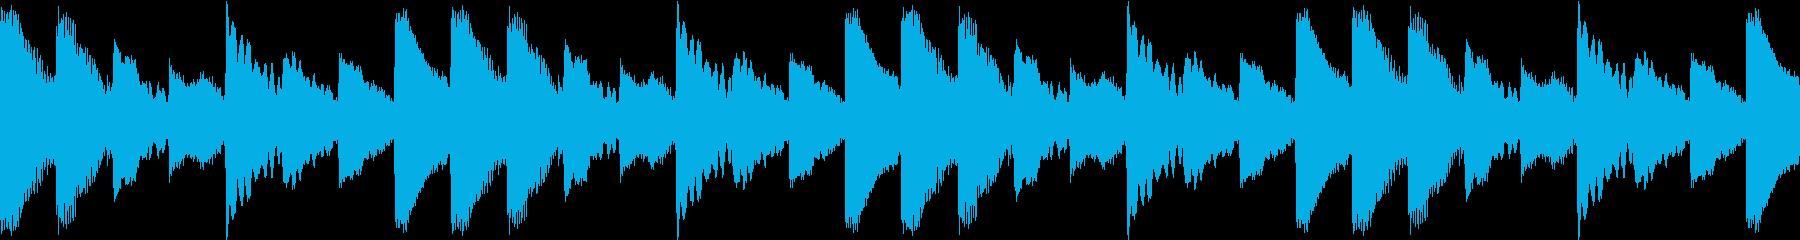 Psycho サイコスリラー BGMの再生済みの波形